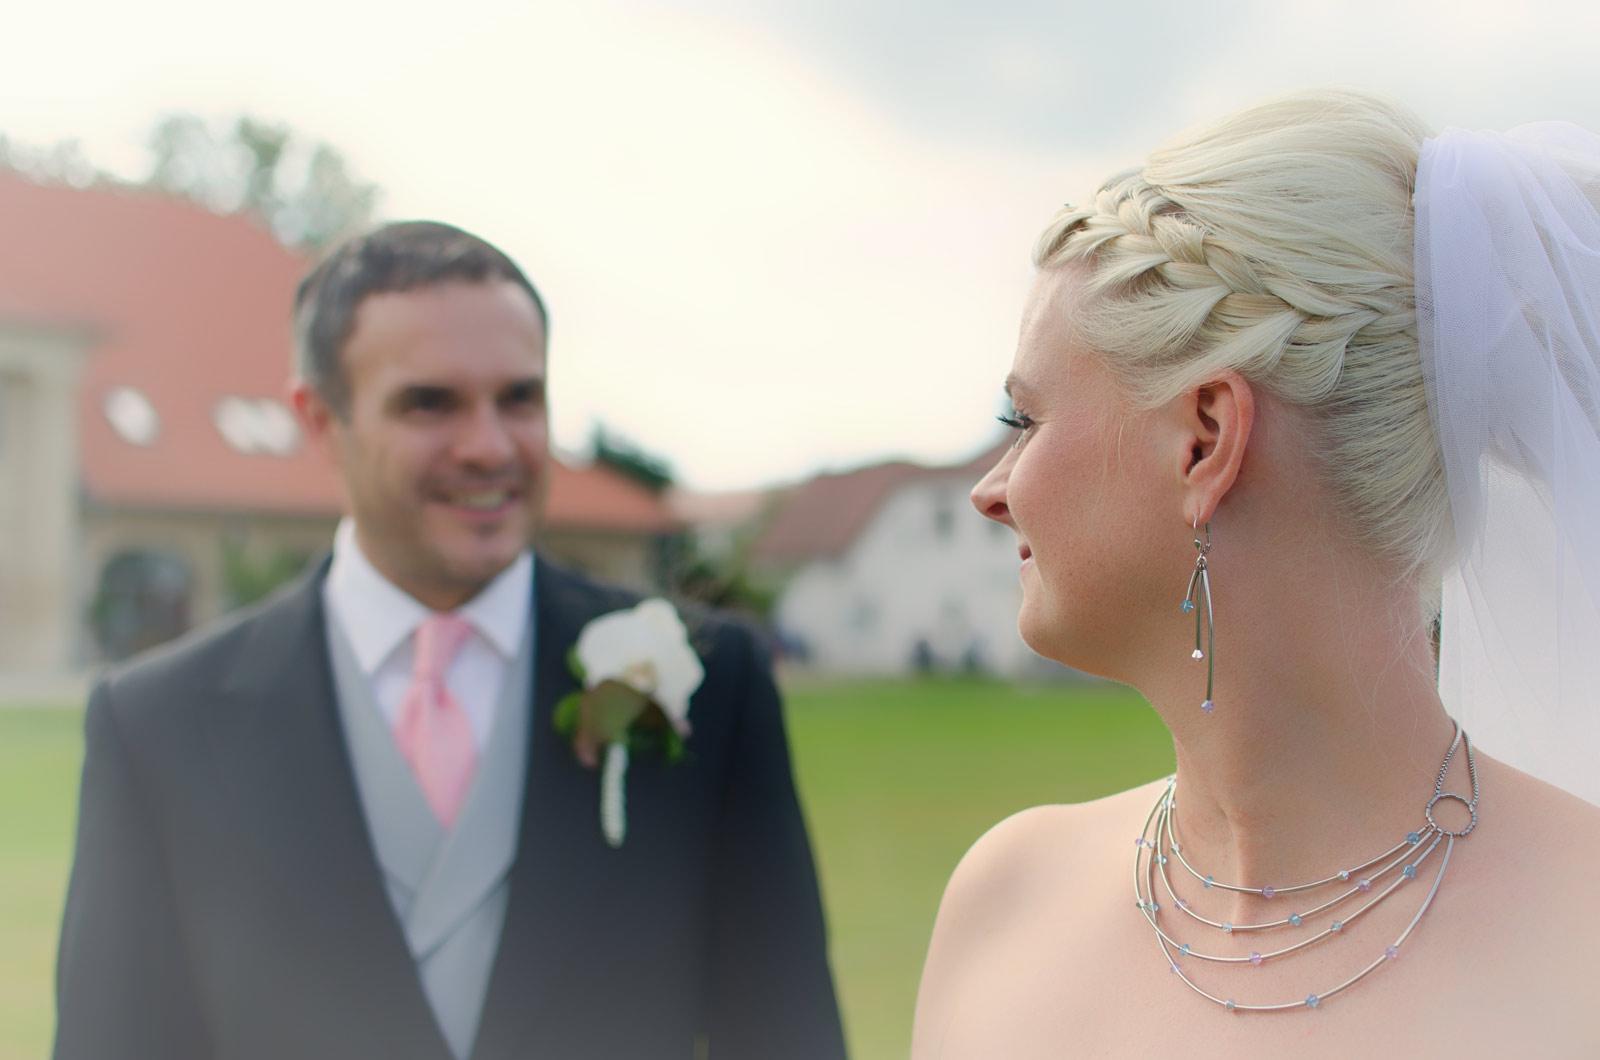 Hochzeit_Use-Domer_Fotografie_11